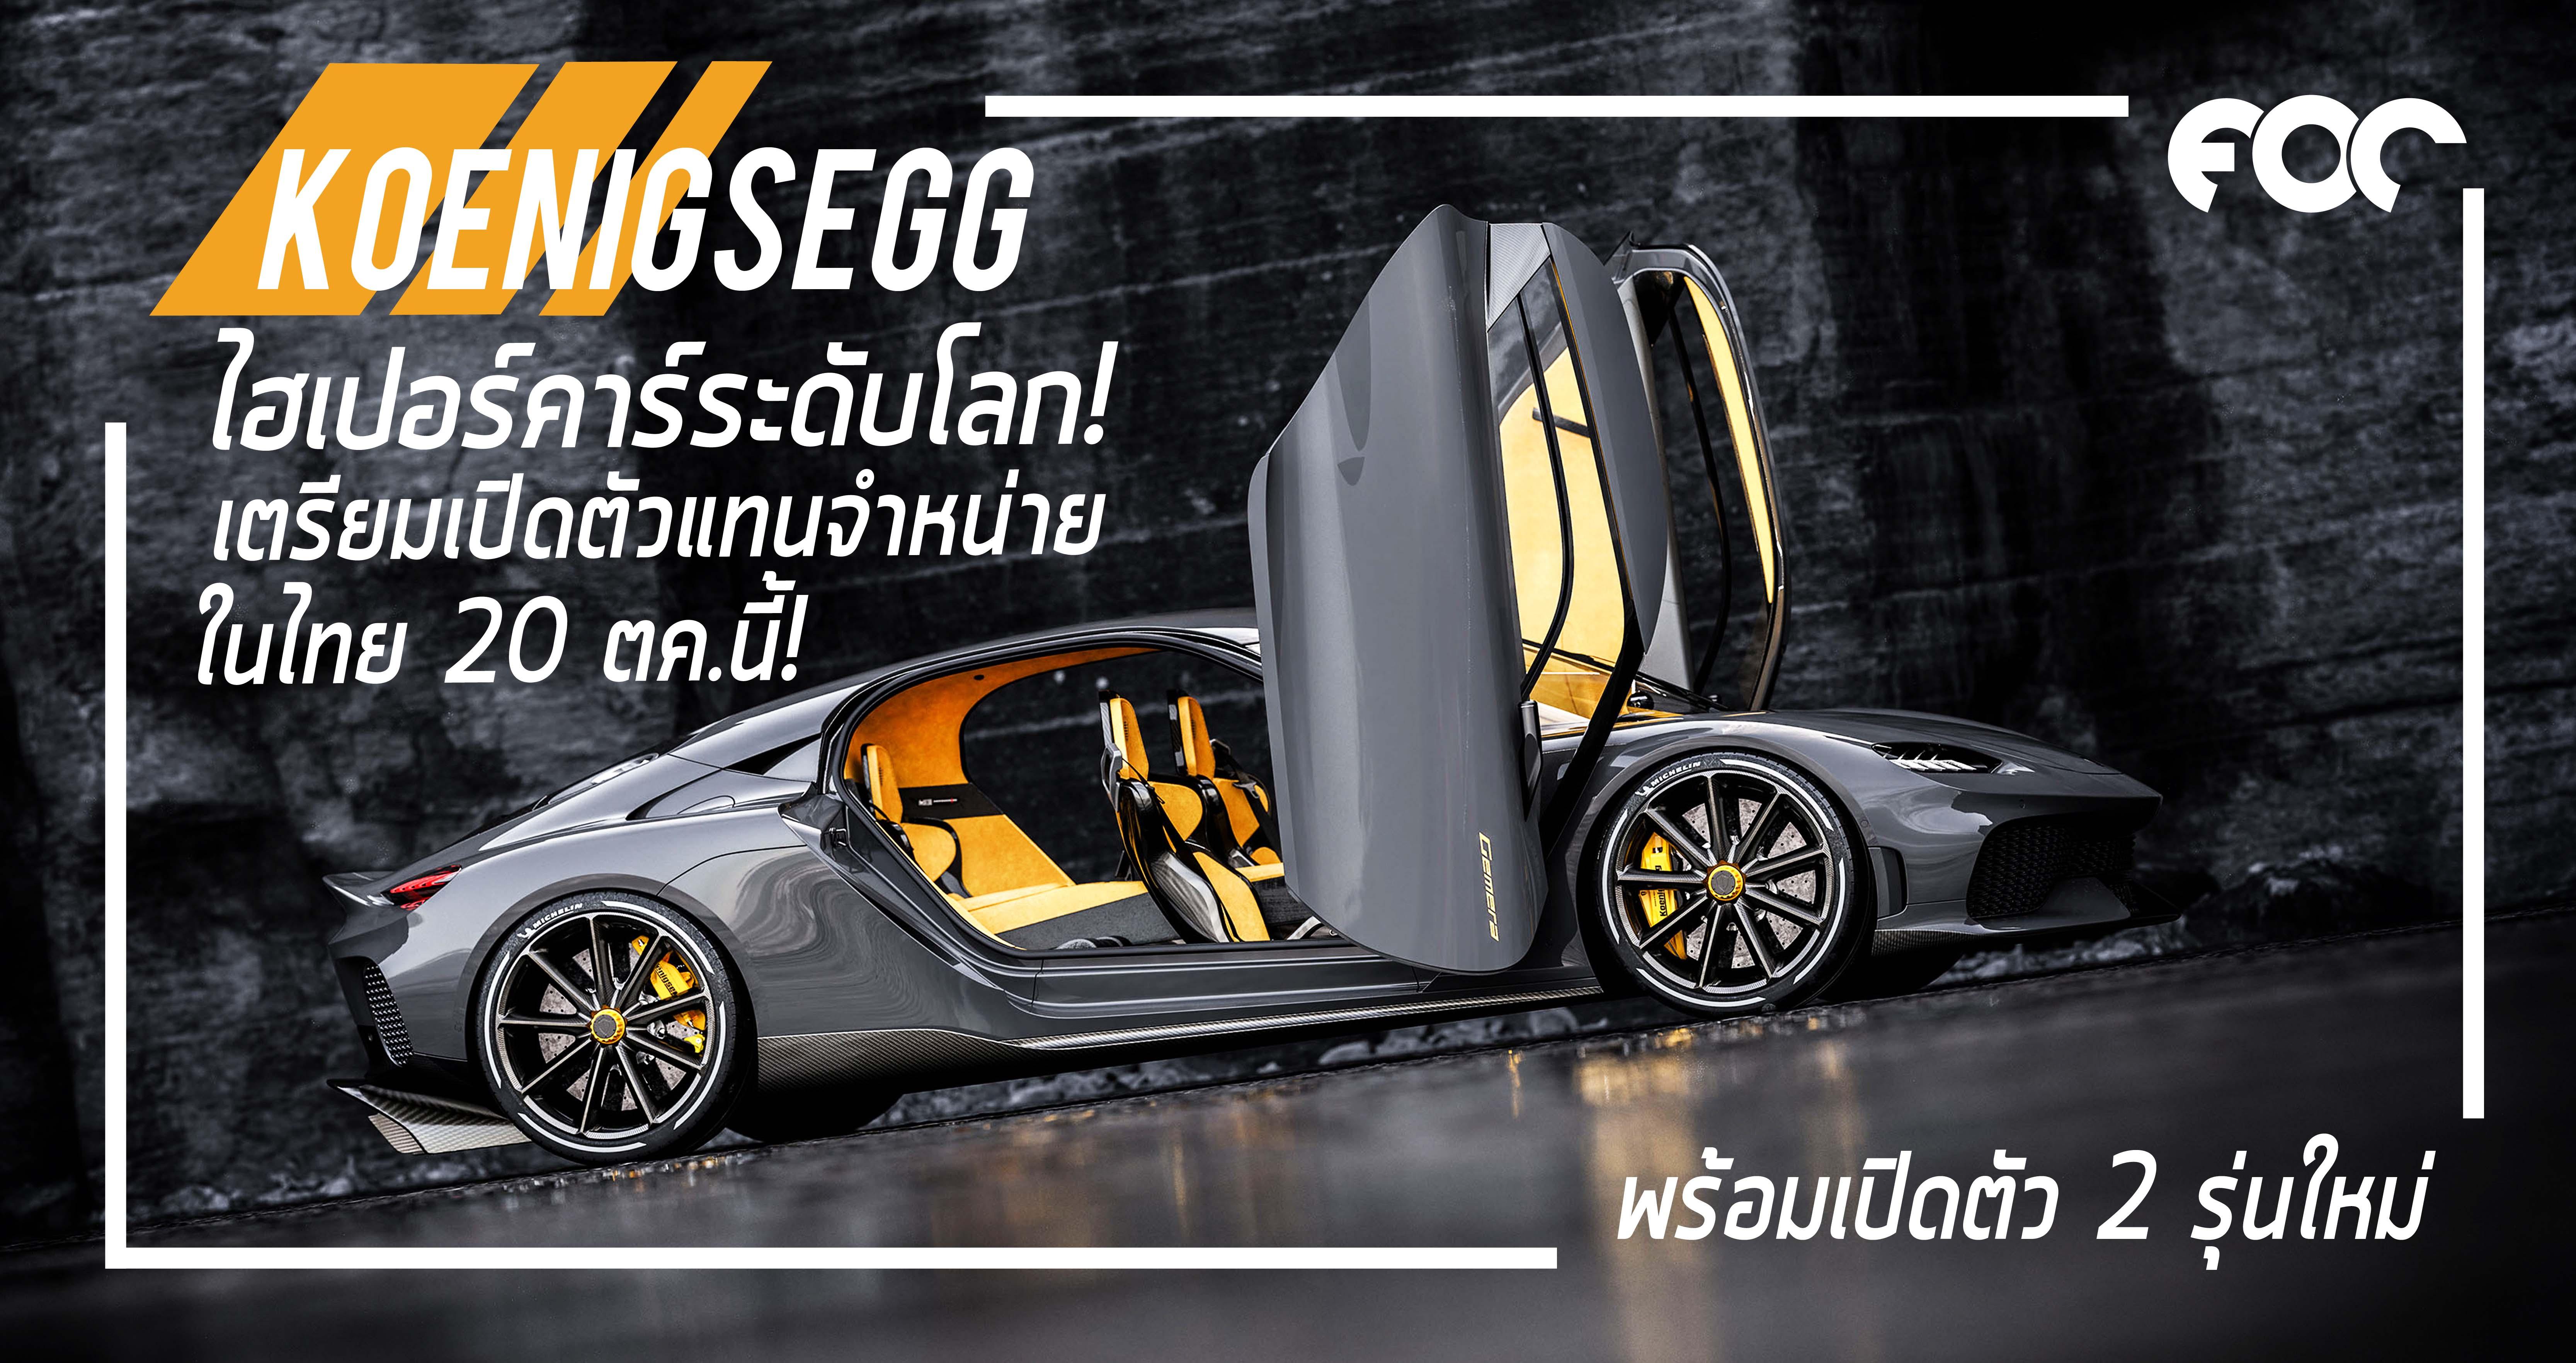 Koenigsegg ไฮเปอร์คาร์ระดับโลก! เตรียมเปิดตัวแทนจำหน่ายในไทย 20 ตุลาคมนี้ พร้อมเปิดตัว 2 รุ่นใหม่